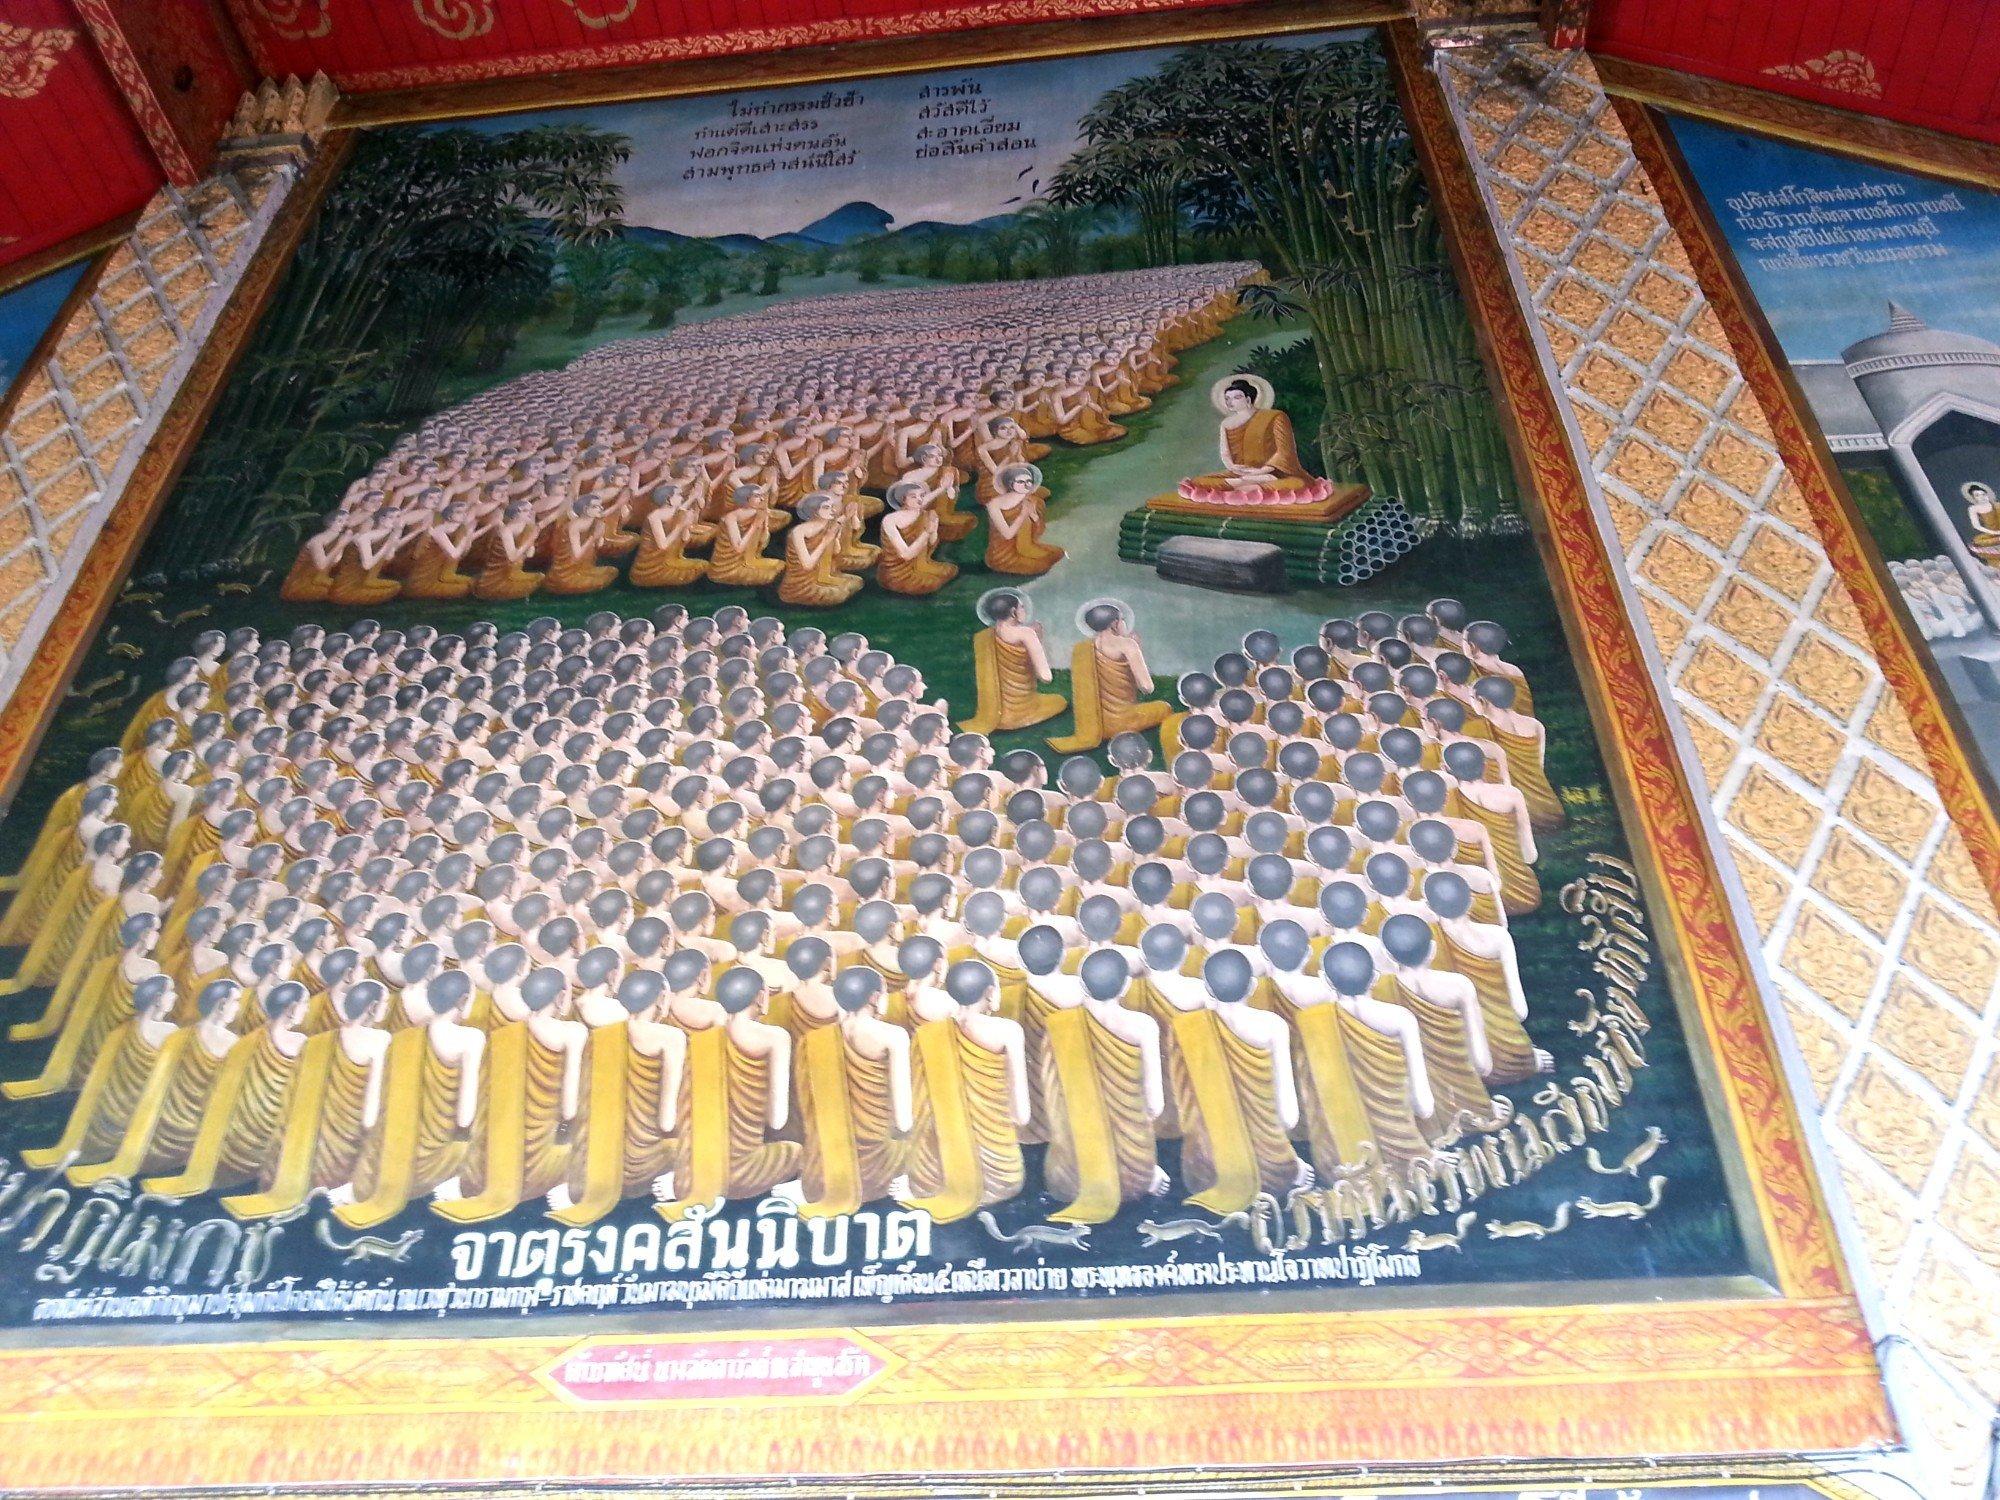 Wall mural of the sermon at Saranath